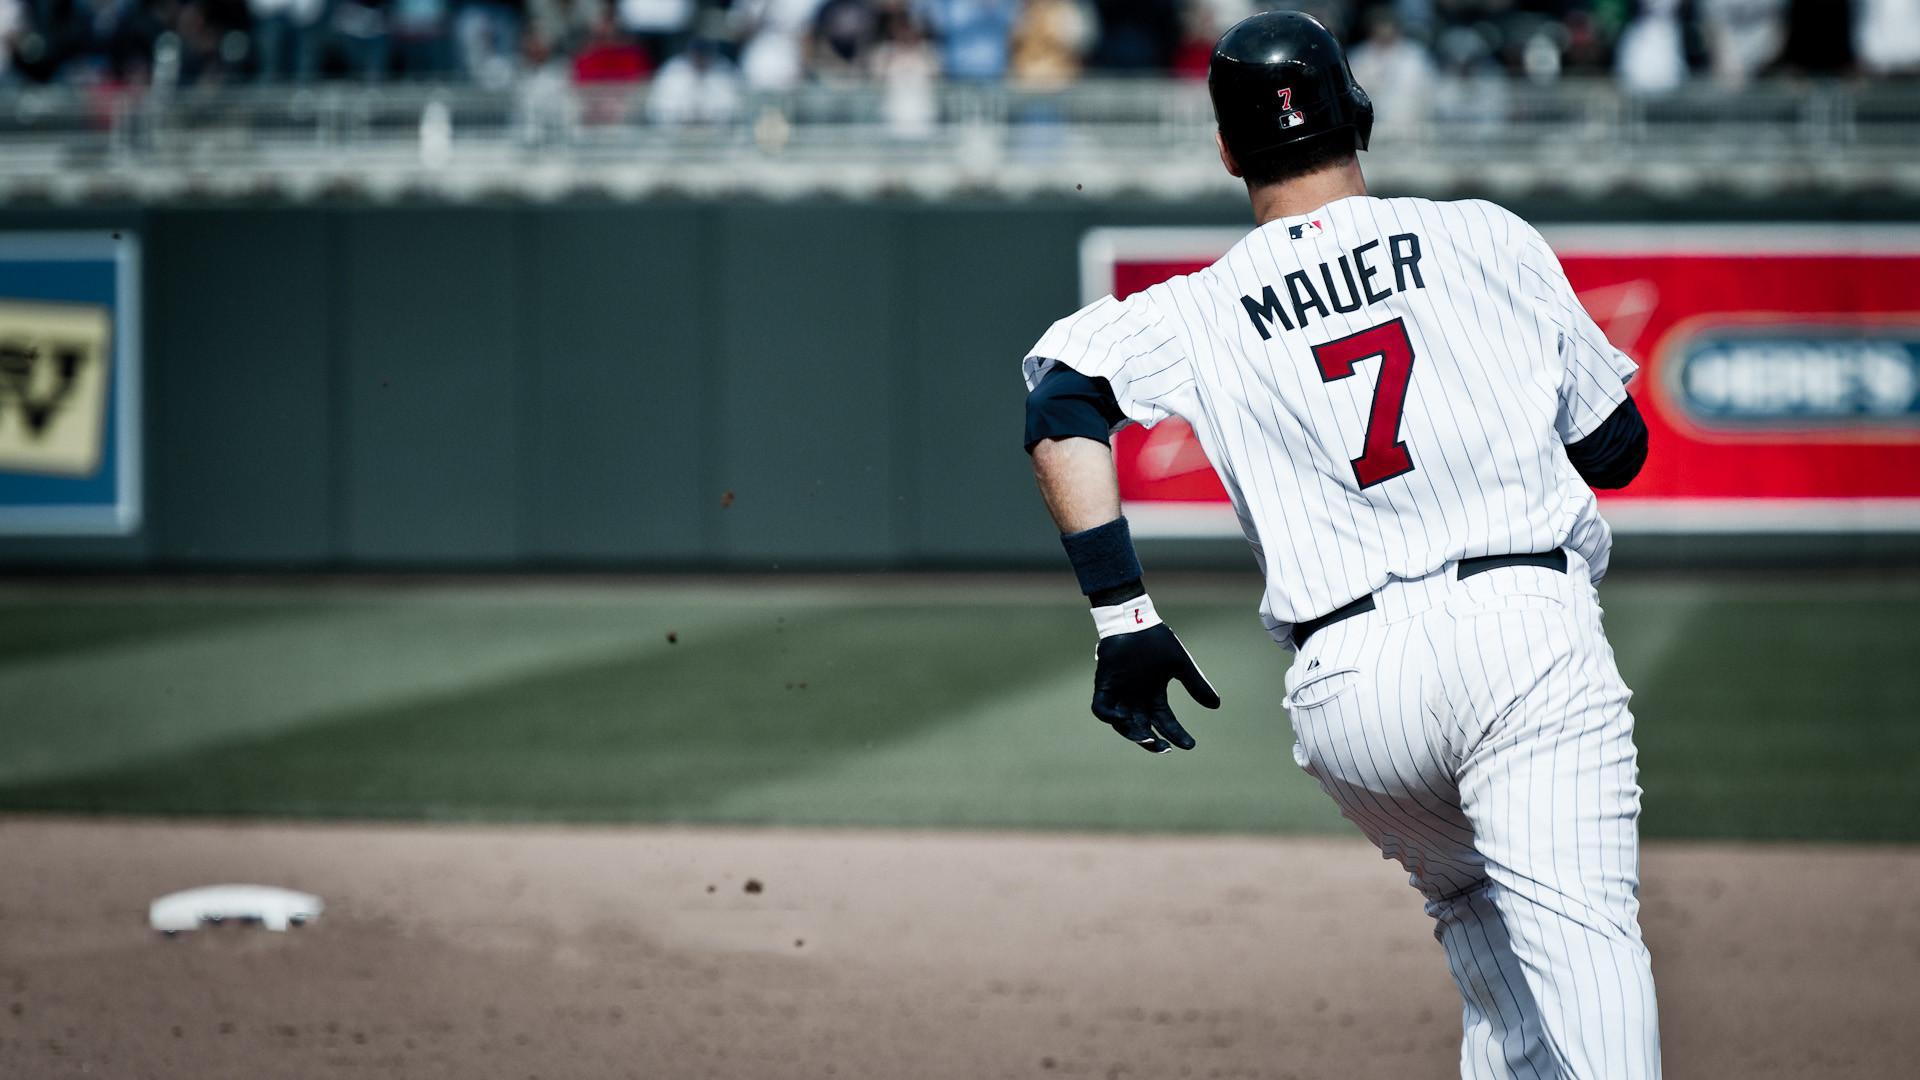 MLB Player Wallpapers – WallpaperSafari